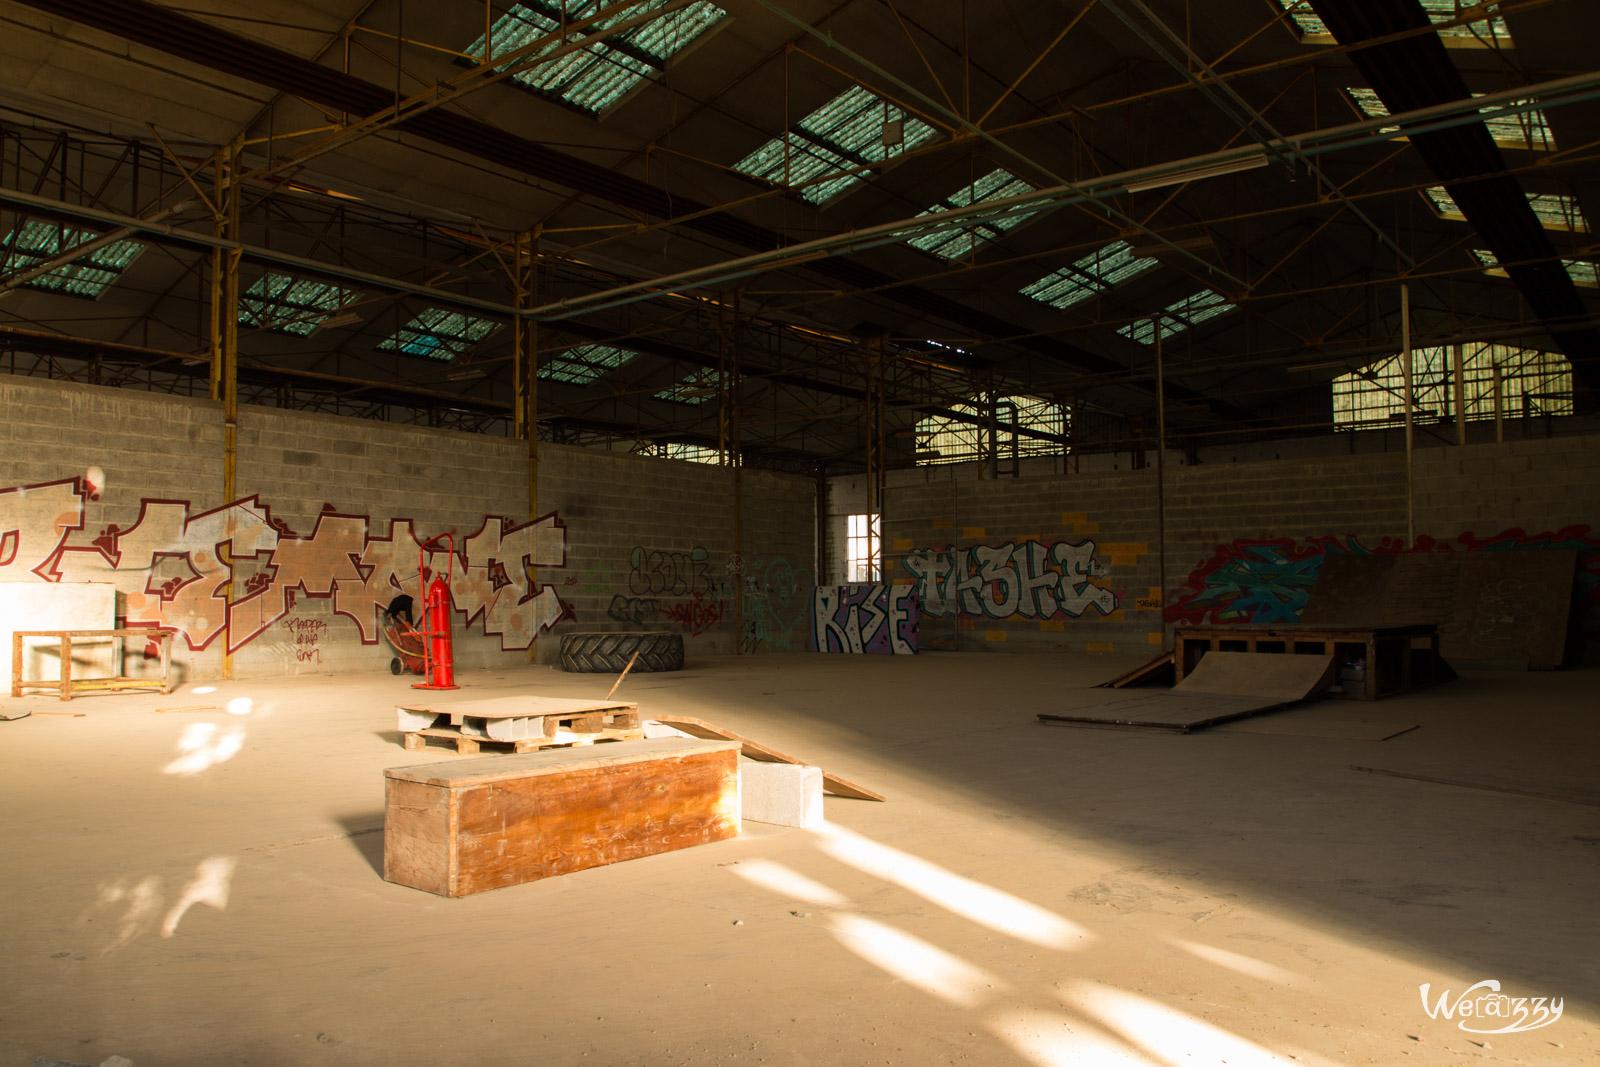 Une usine désaffectée – 2ème partie – avec plein de graffitis